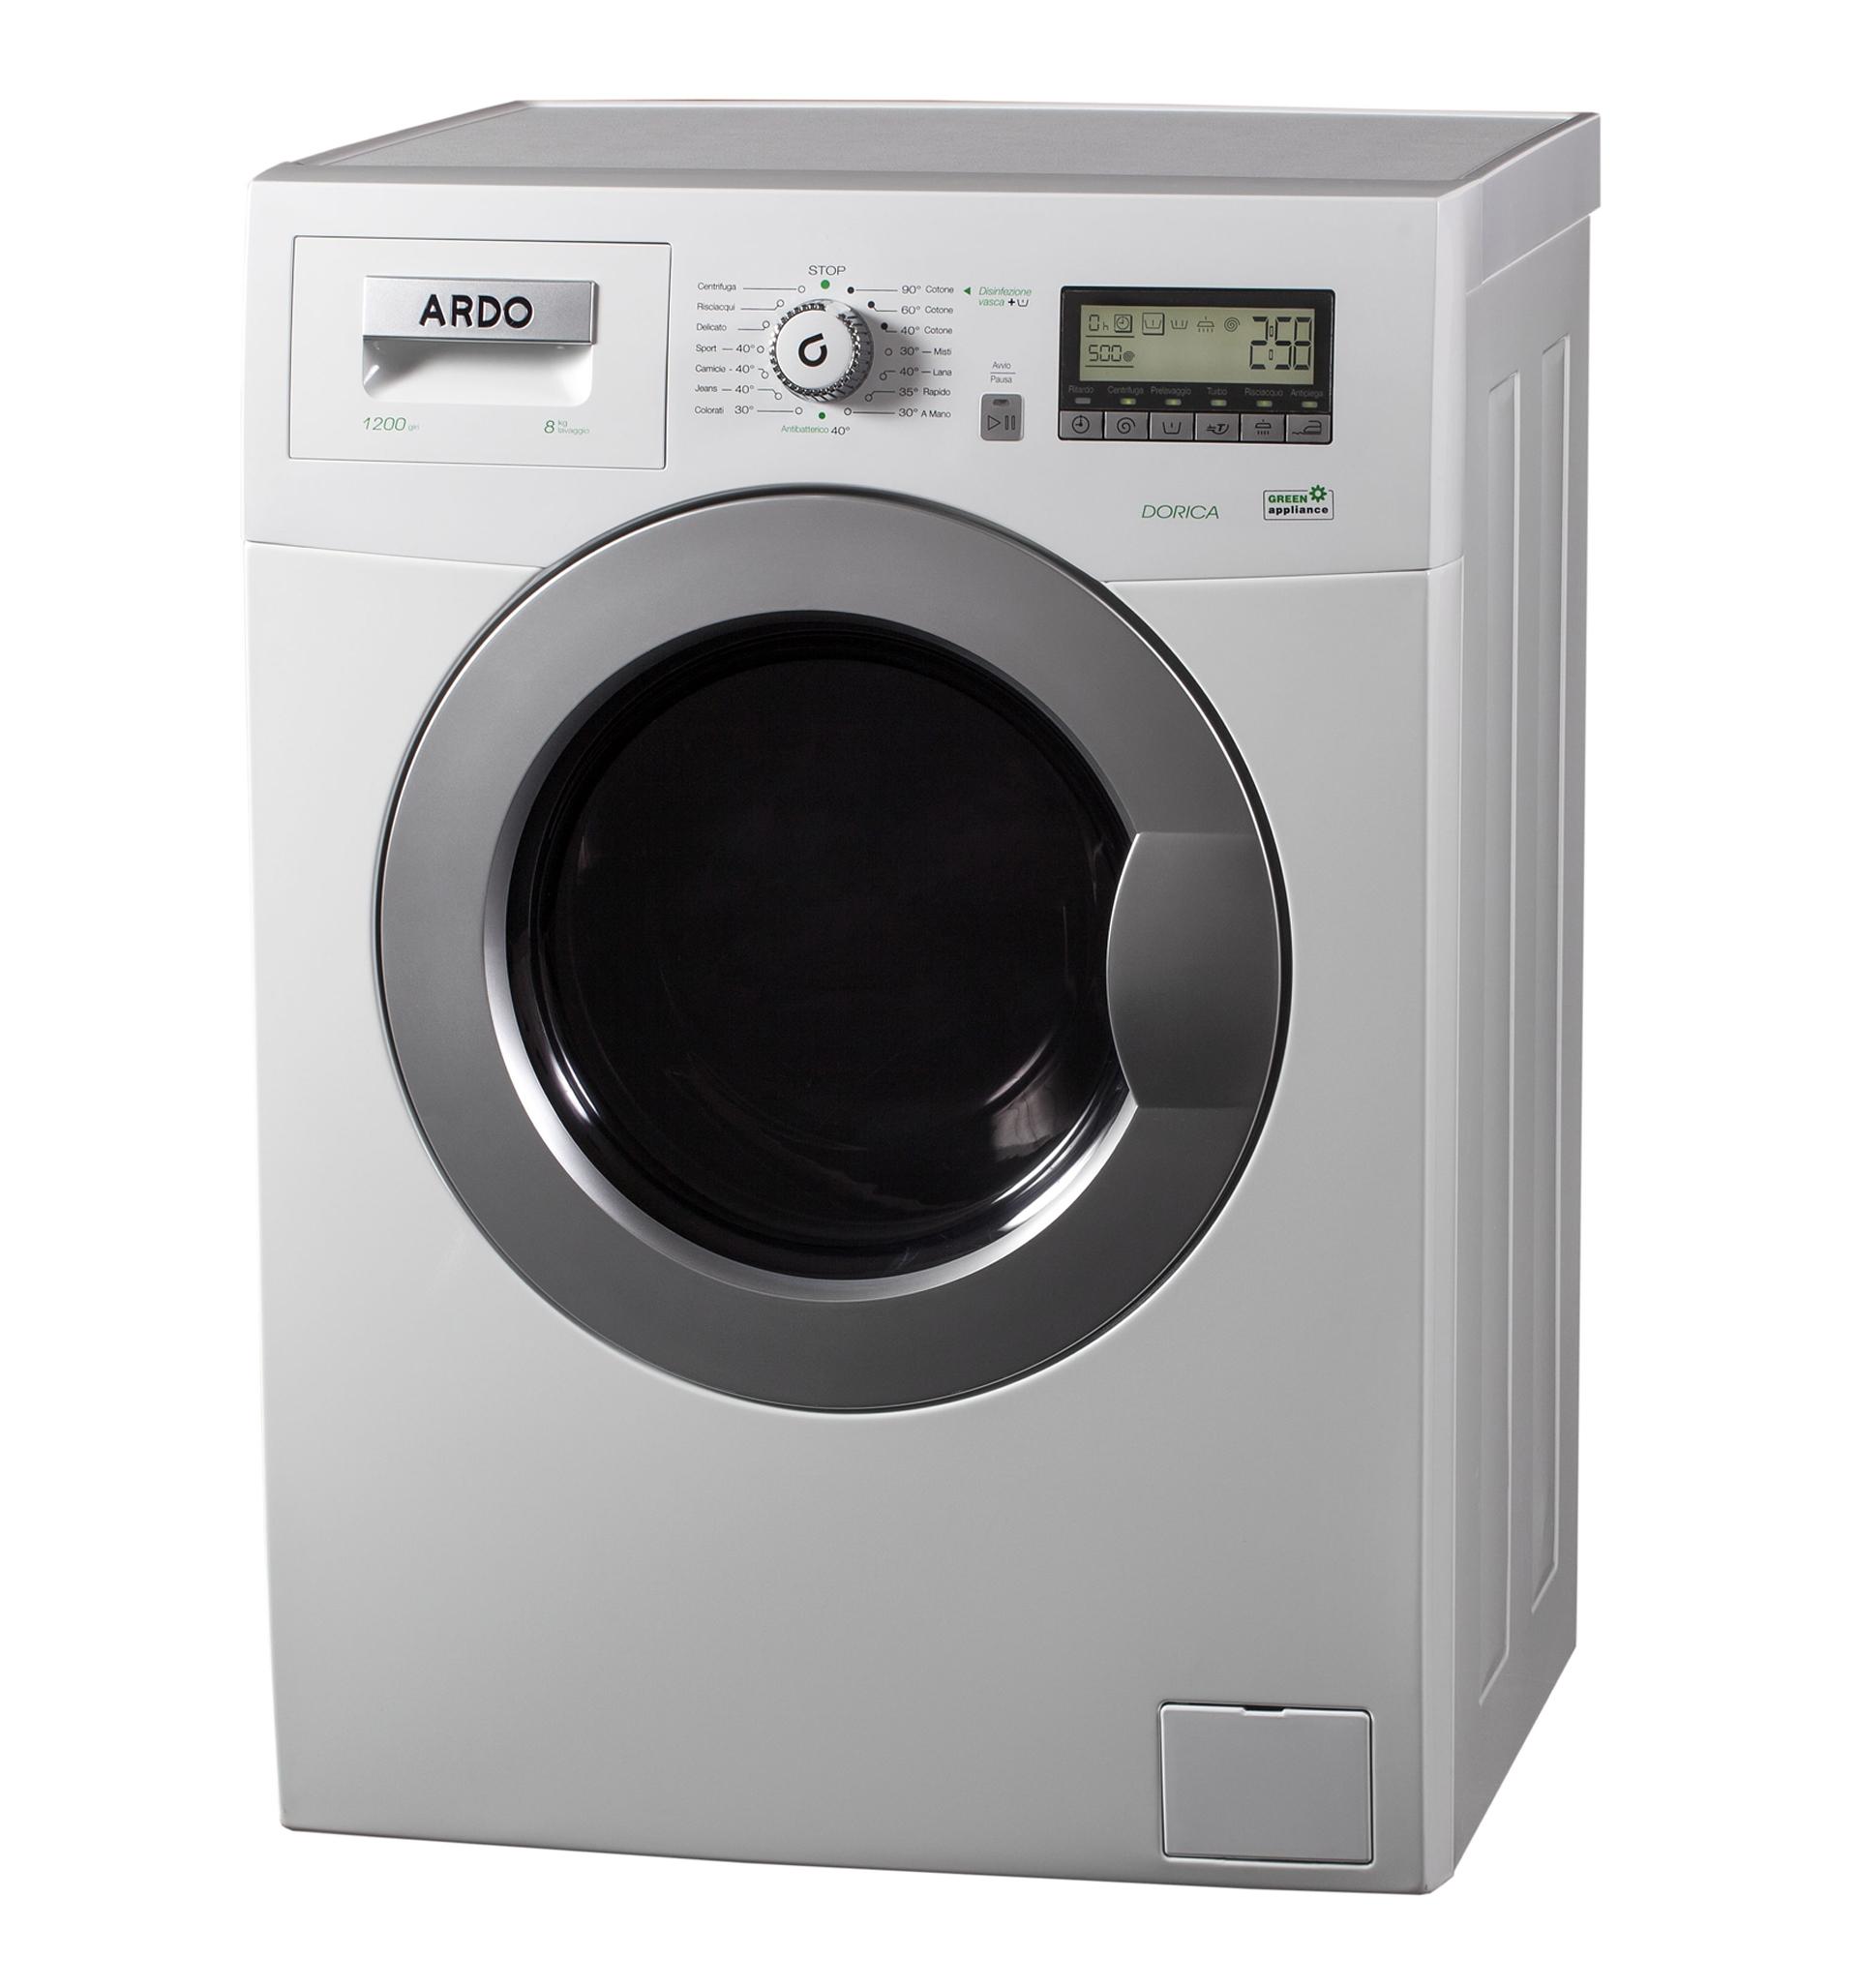 Asciugatrice Carica Dall Alto : Lavatrice stretta tutte le offerte cascare a fagiolo